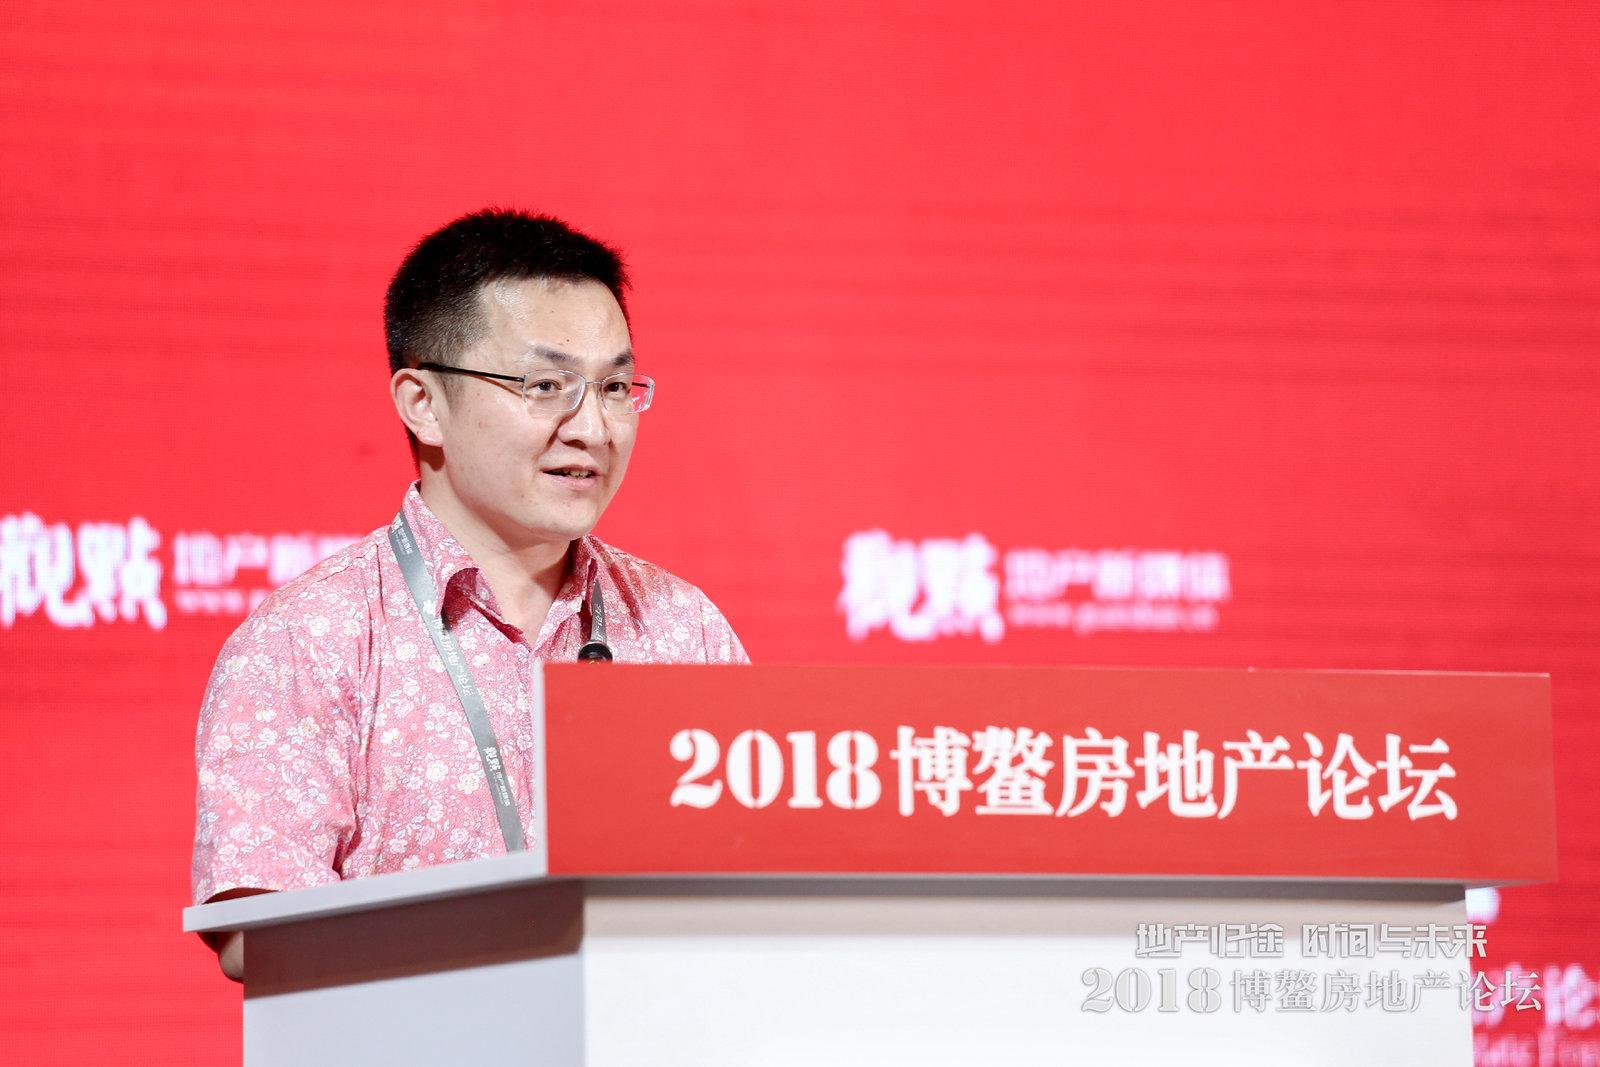 博鳌论坛  李军:接下来半年至一年会是房地产比较动荡阶段